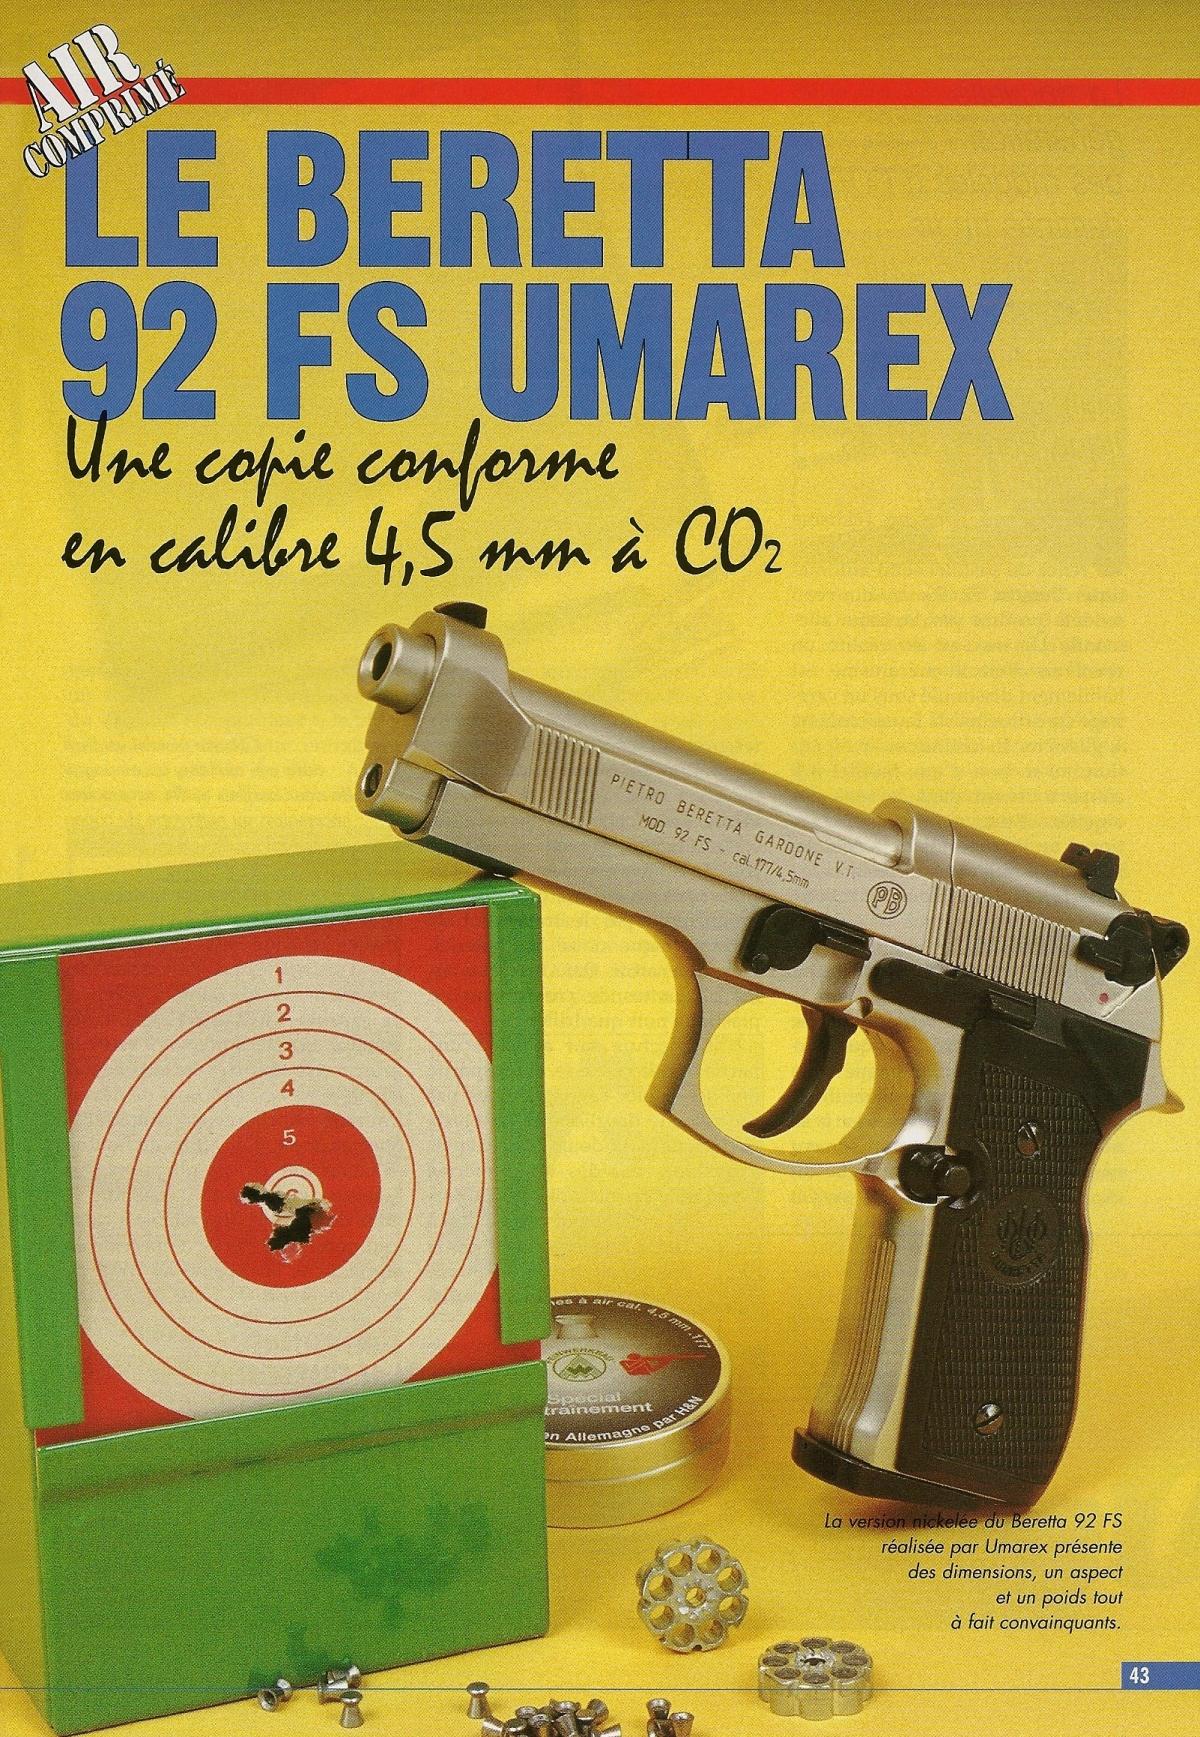 Le pistolet Beretta 92 FS à CO2 est proposé en deux versions qui diffèrent par leur finition, noire ou nickelée, et présentent toutes deux des dimensions, un aspect et un poids tout à fait convaincants.